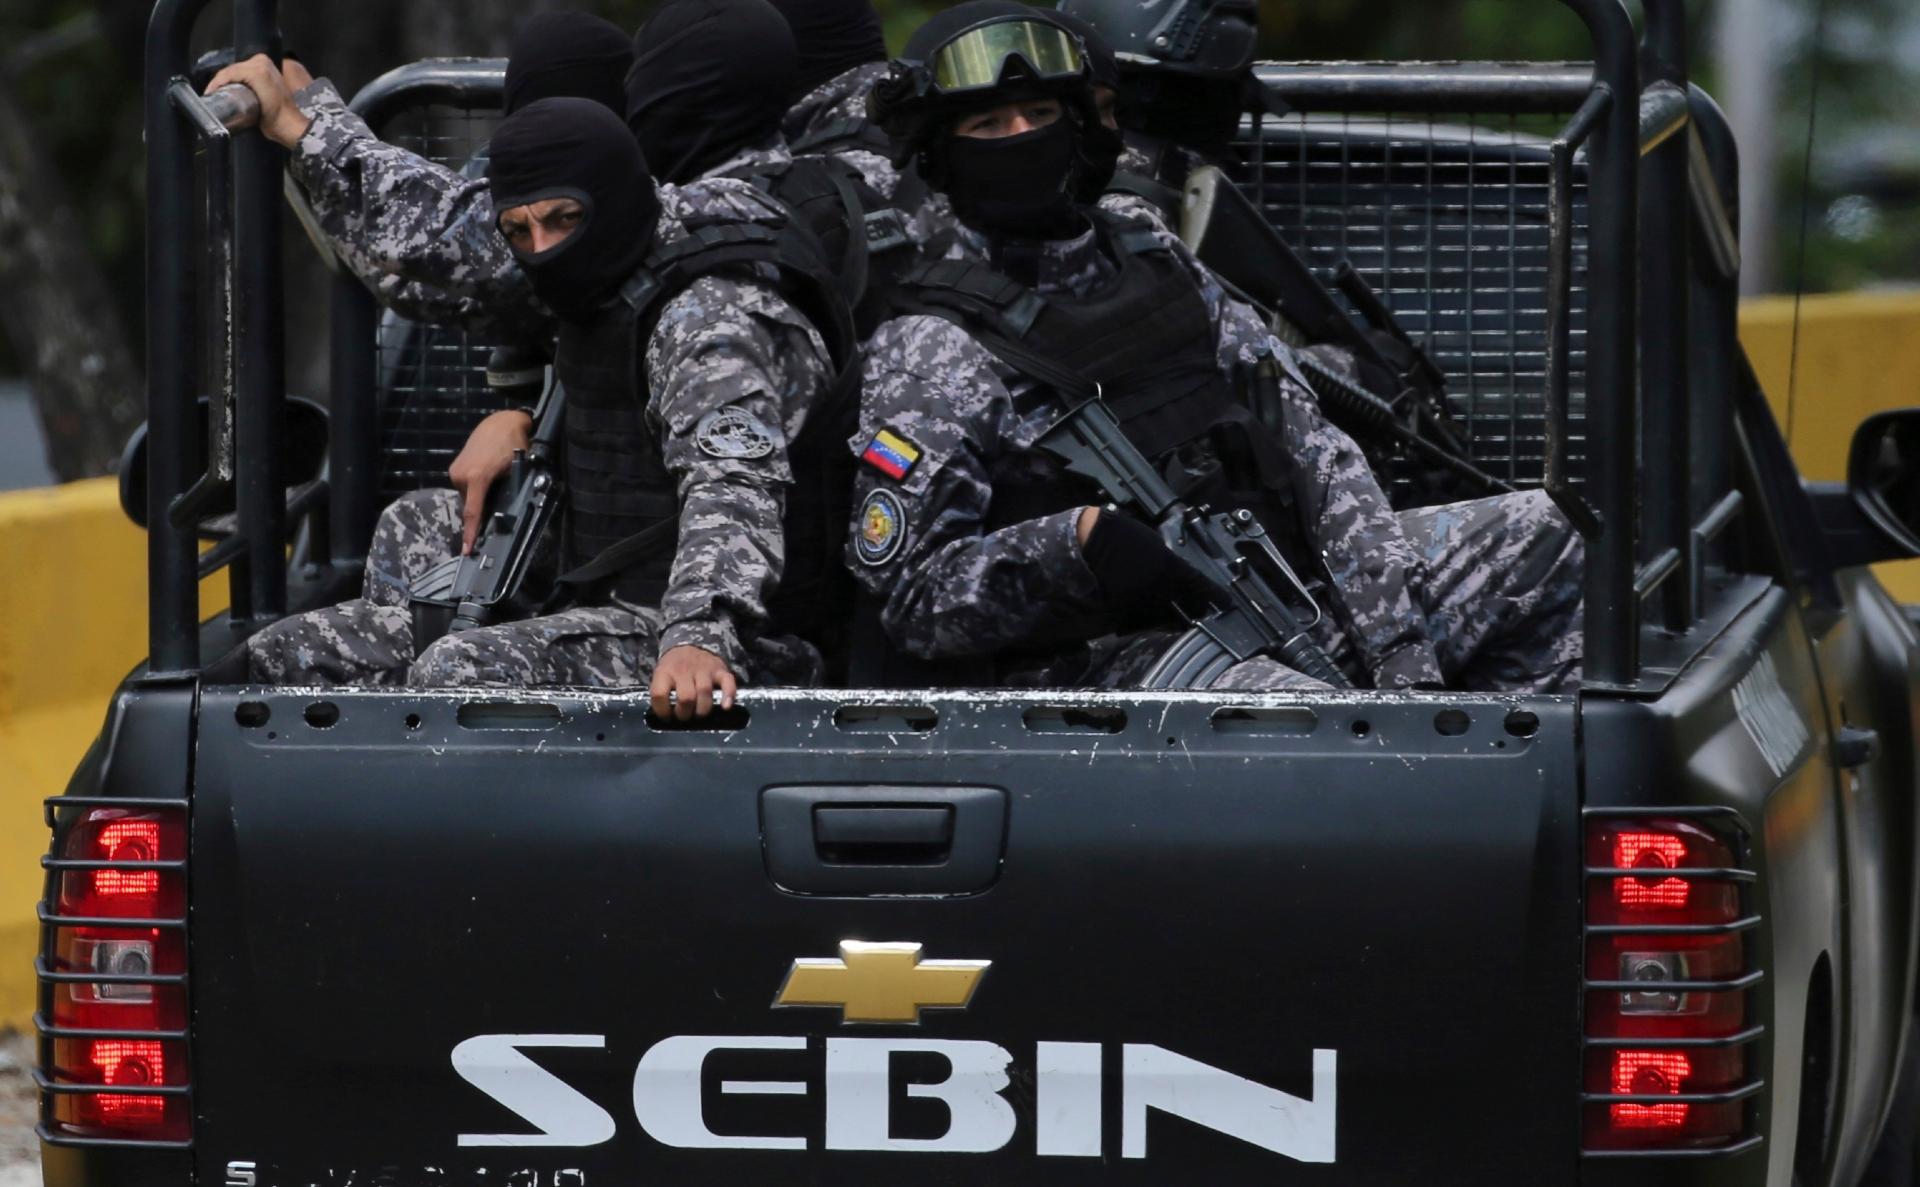 Бойцы службы нацразведки Венесуэлы (SEBIN)